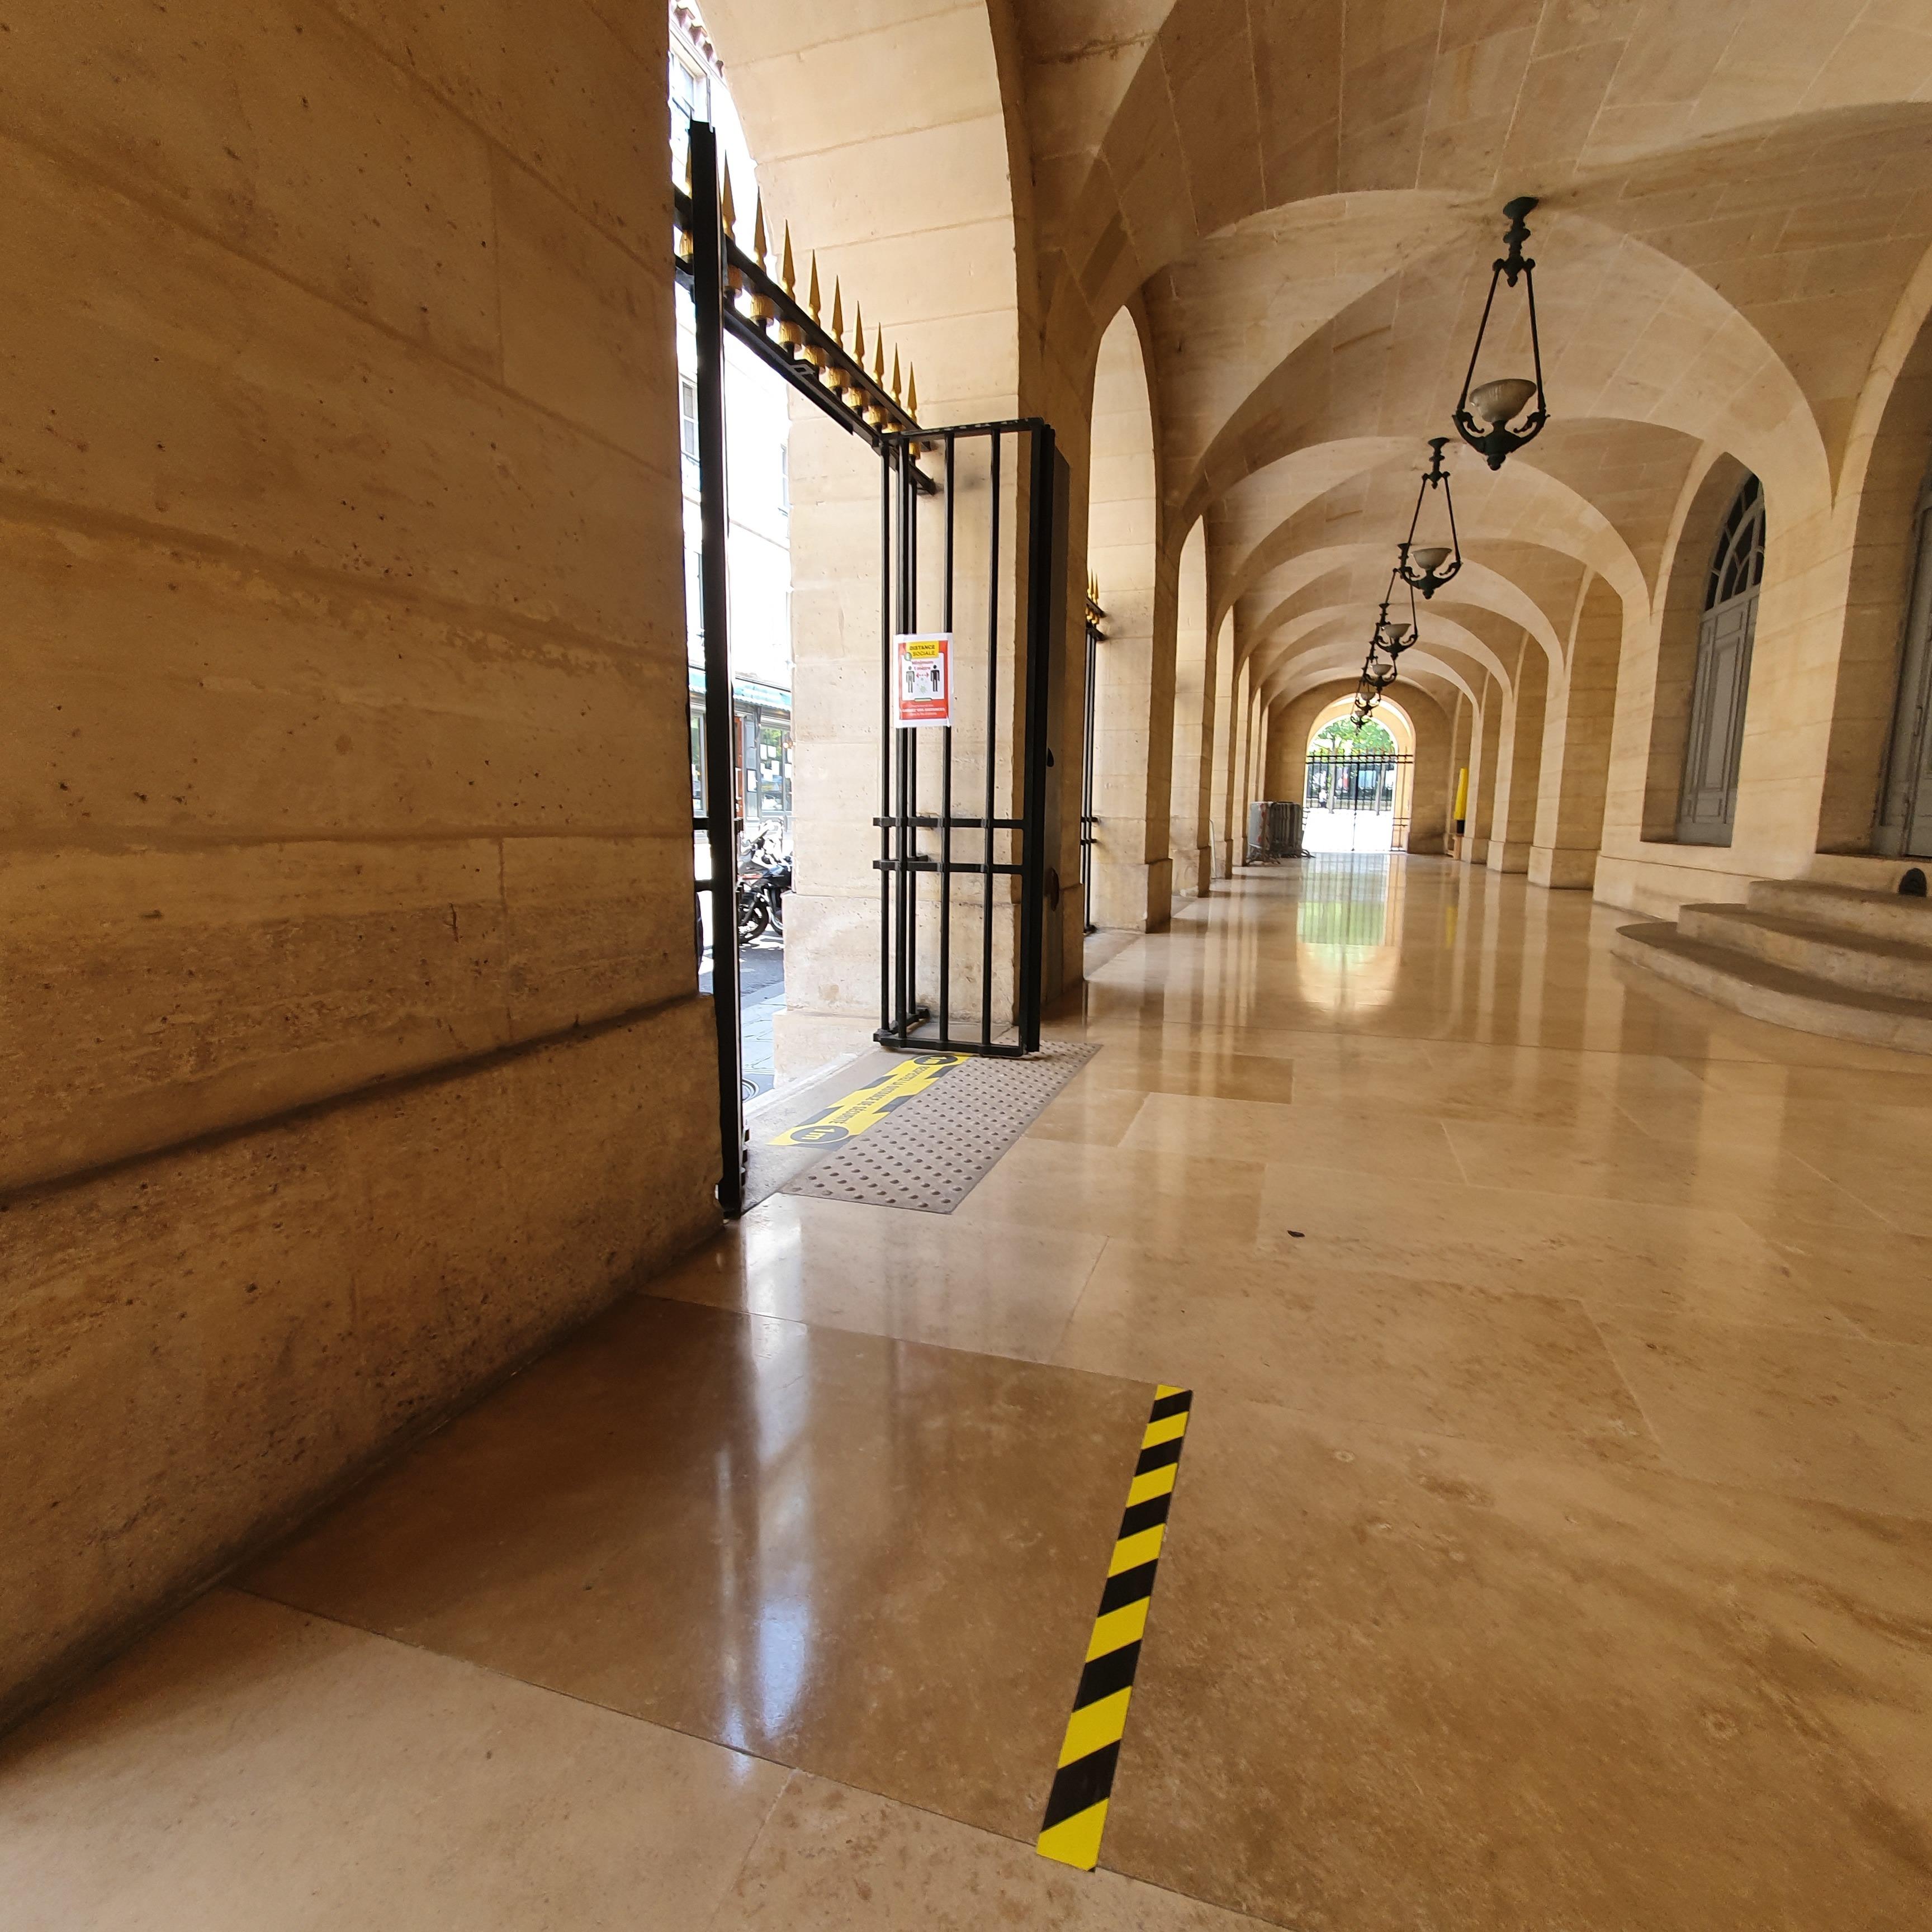 Le théâtre de l'Odéon a mis en place une signalisation dans ses espaces.